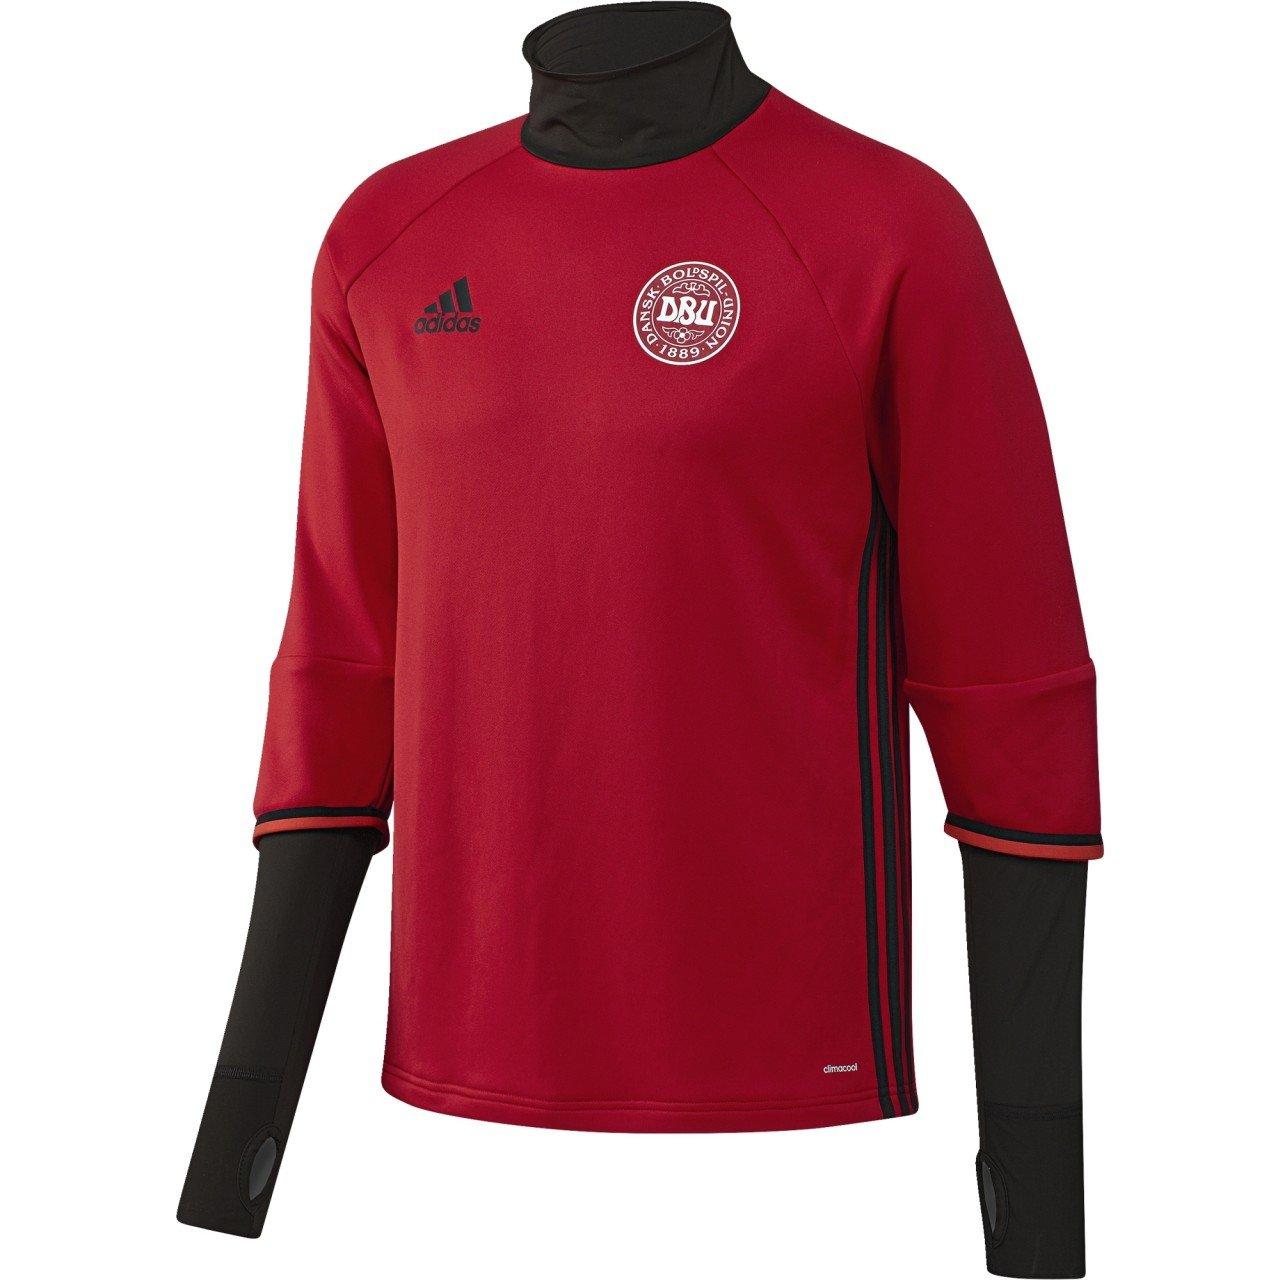 2016-2017 Denmark Adidas Training Top (Red) B017Y19BUCRed XL 44-46\